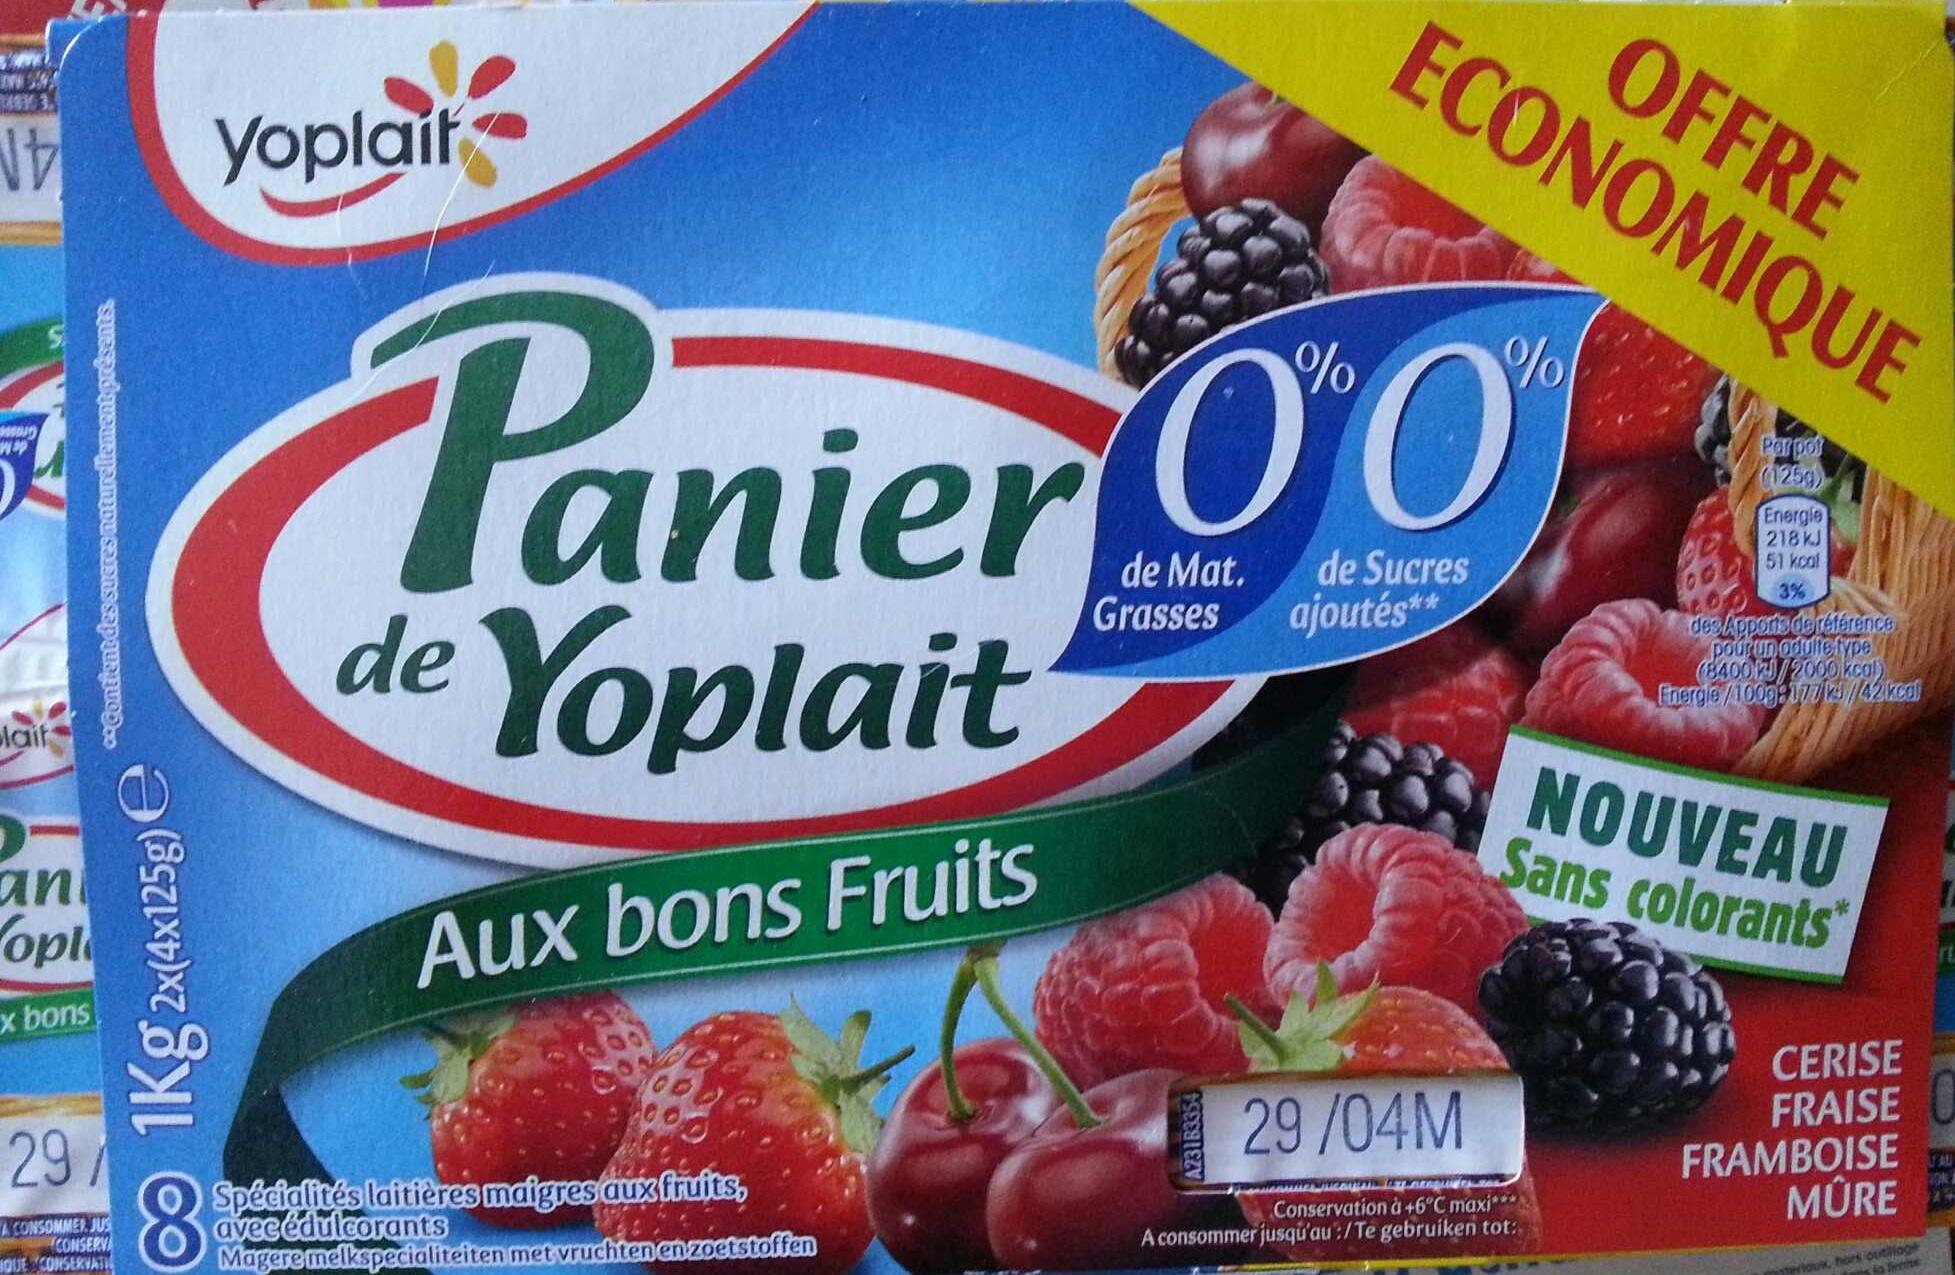 Panier de Yoplait (0 % MG, 0 % Sucres ajoutés) - (Cerise, Fraise, Framboise, Mûre) 8 Pots - Product - fr